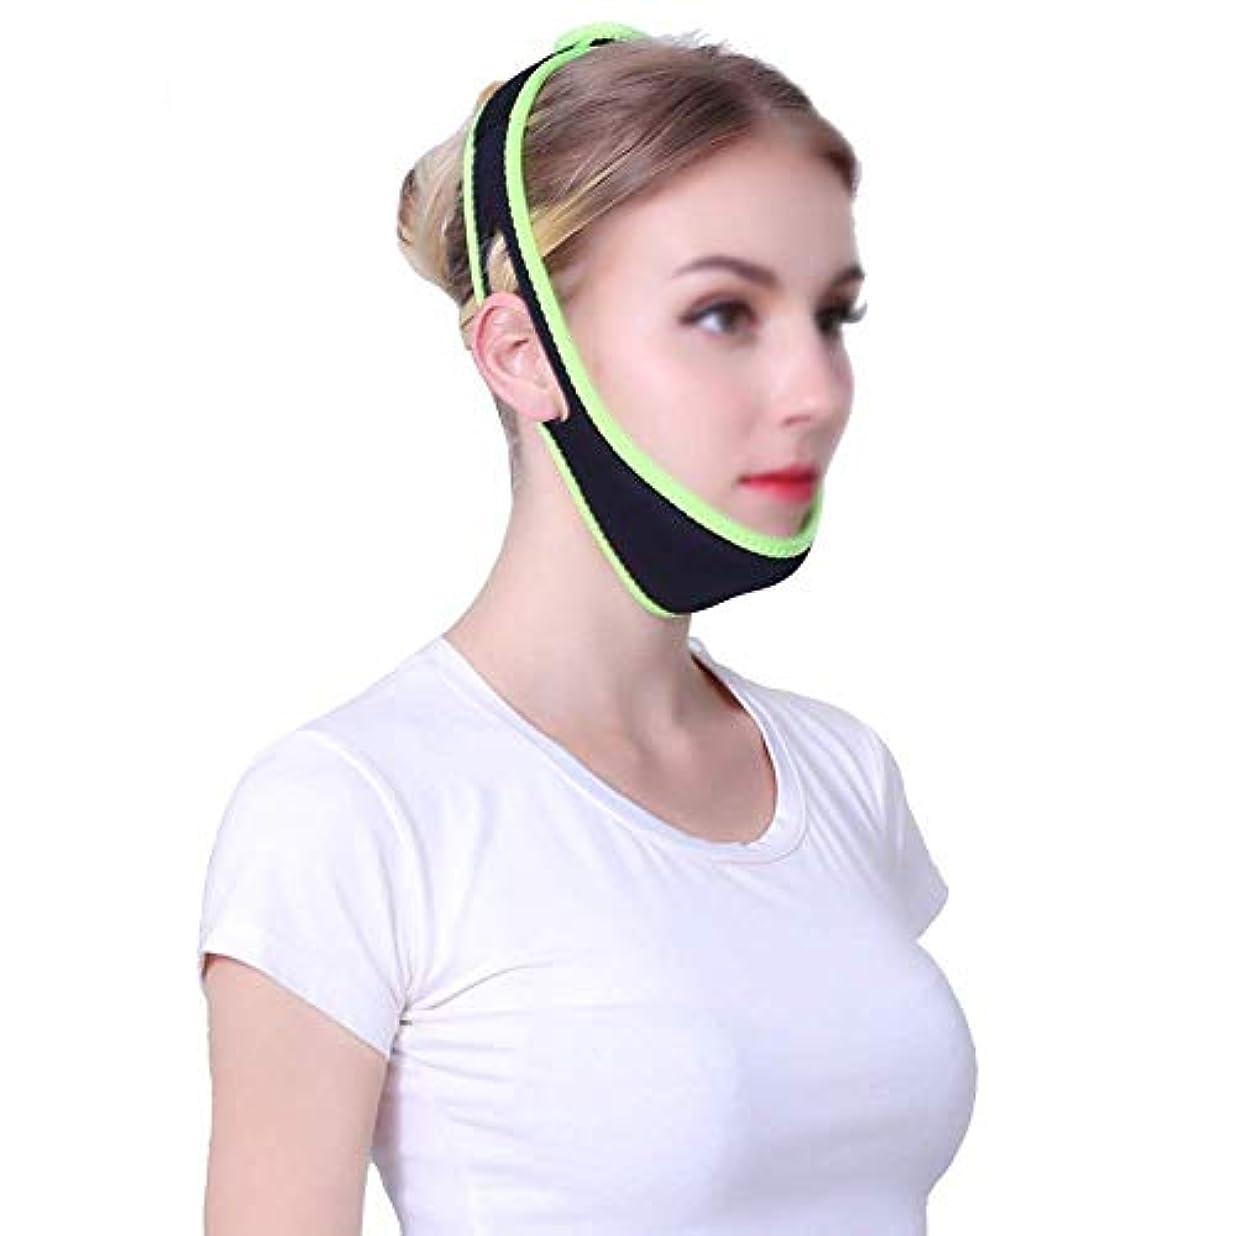 第二マーチャンダイジング下向き引き締めフェイスマスク、小さなVフェイスアーティファクト睡眠リフティングマスク付き薄型フェイスバンデージマスク引き締めクリームフェイスリフトフェイスメロンフェイス楽器